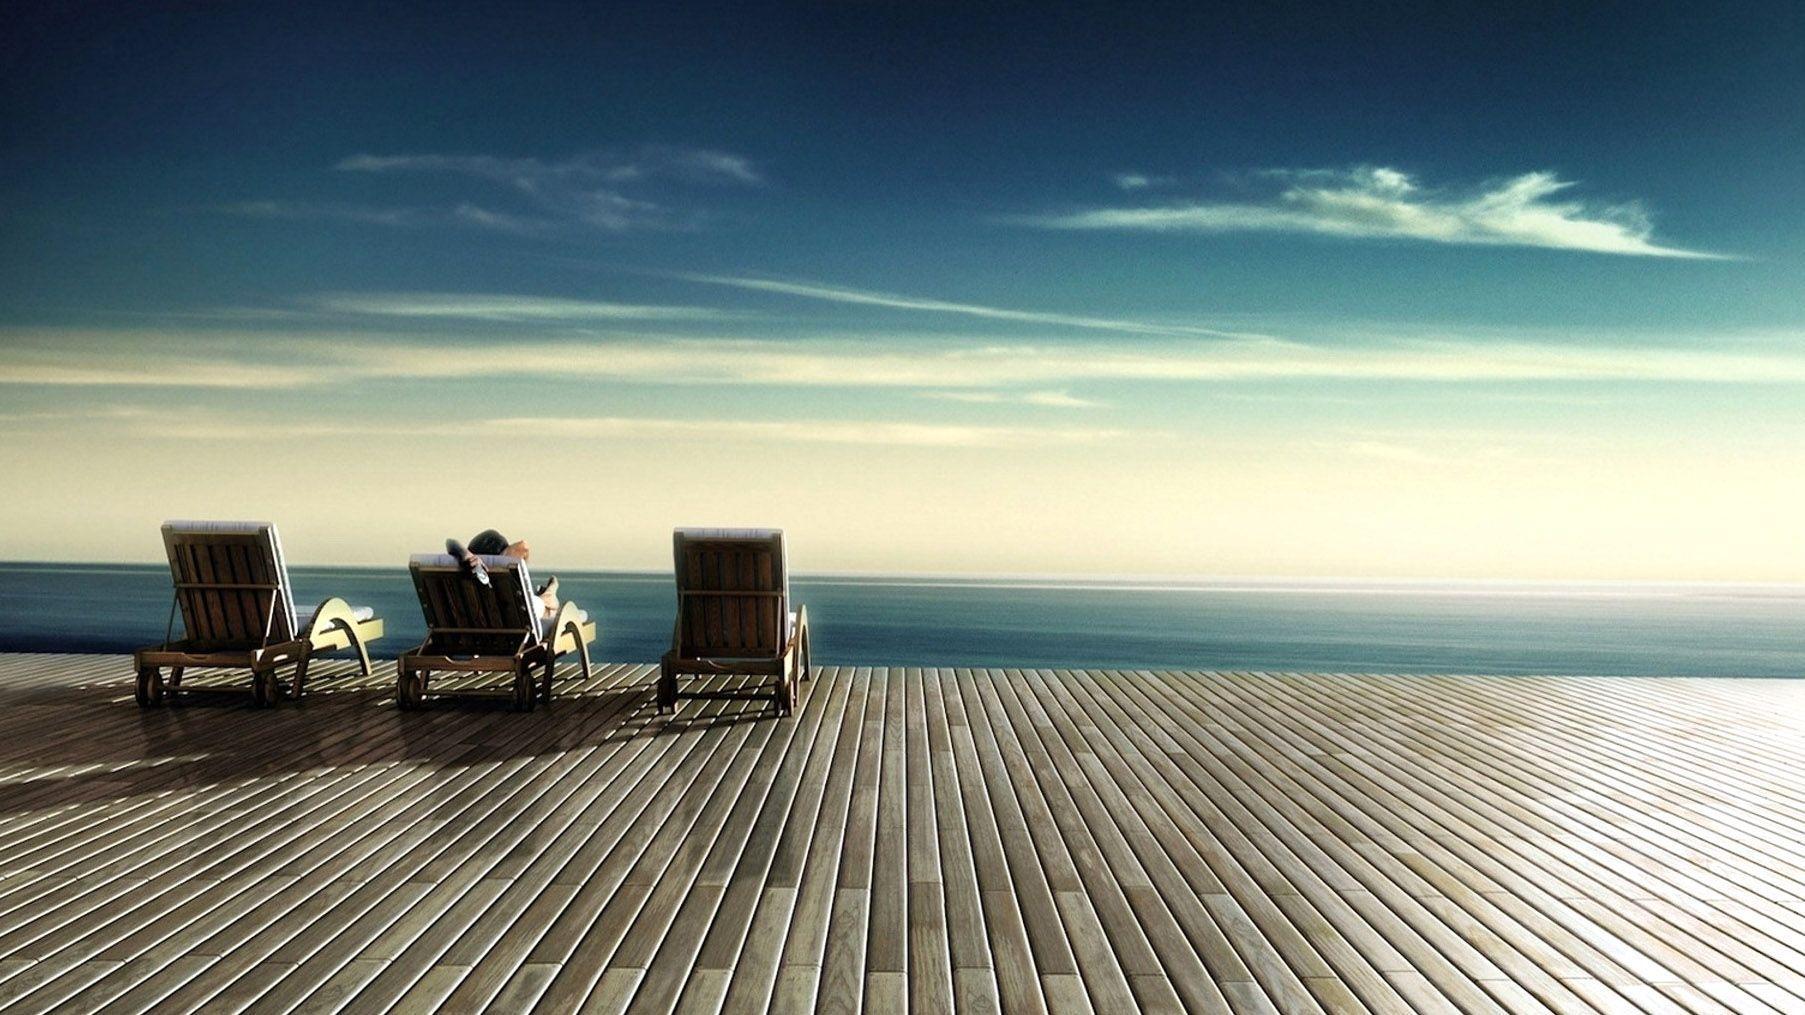 Relaxing Desktop Wallpapers Top Free Relaxing Desktop